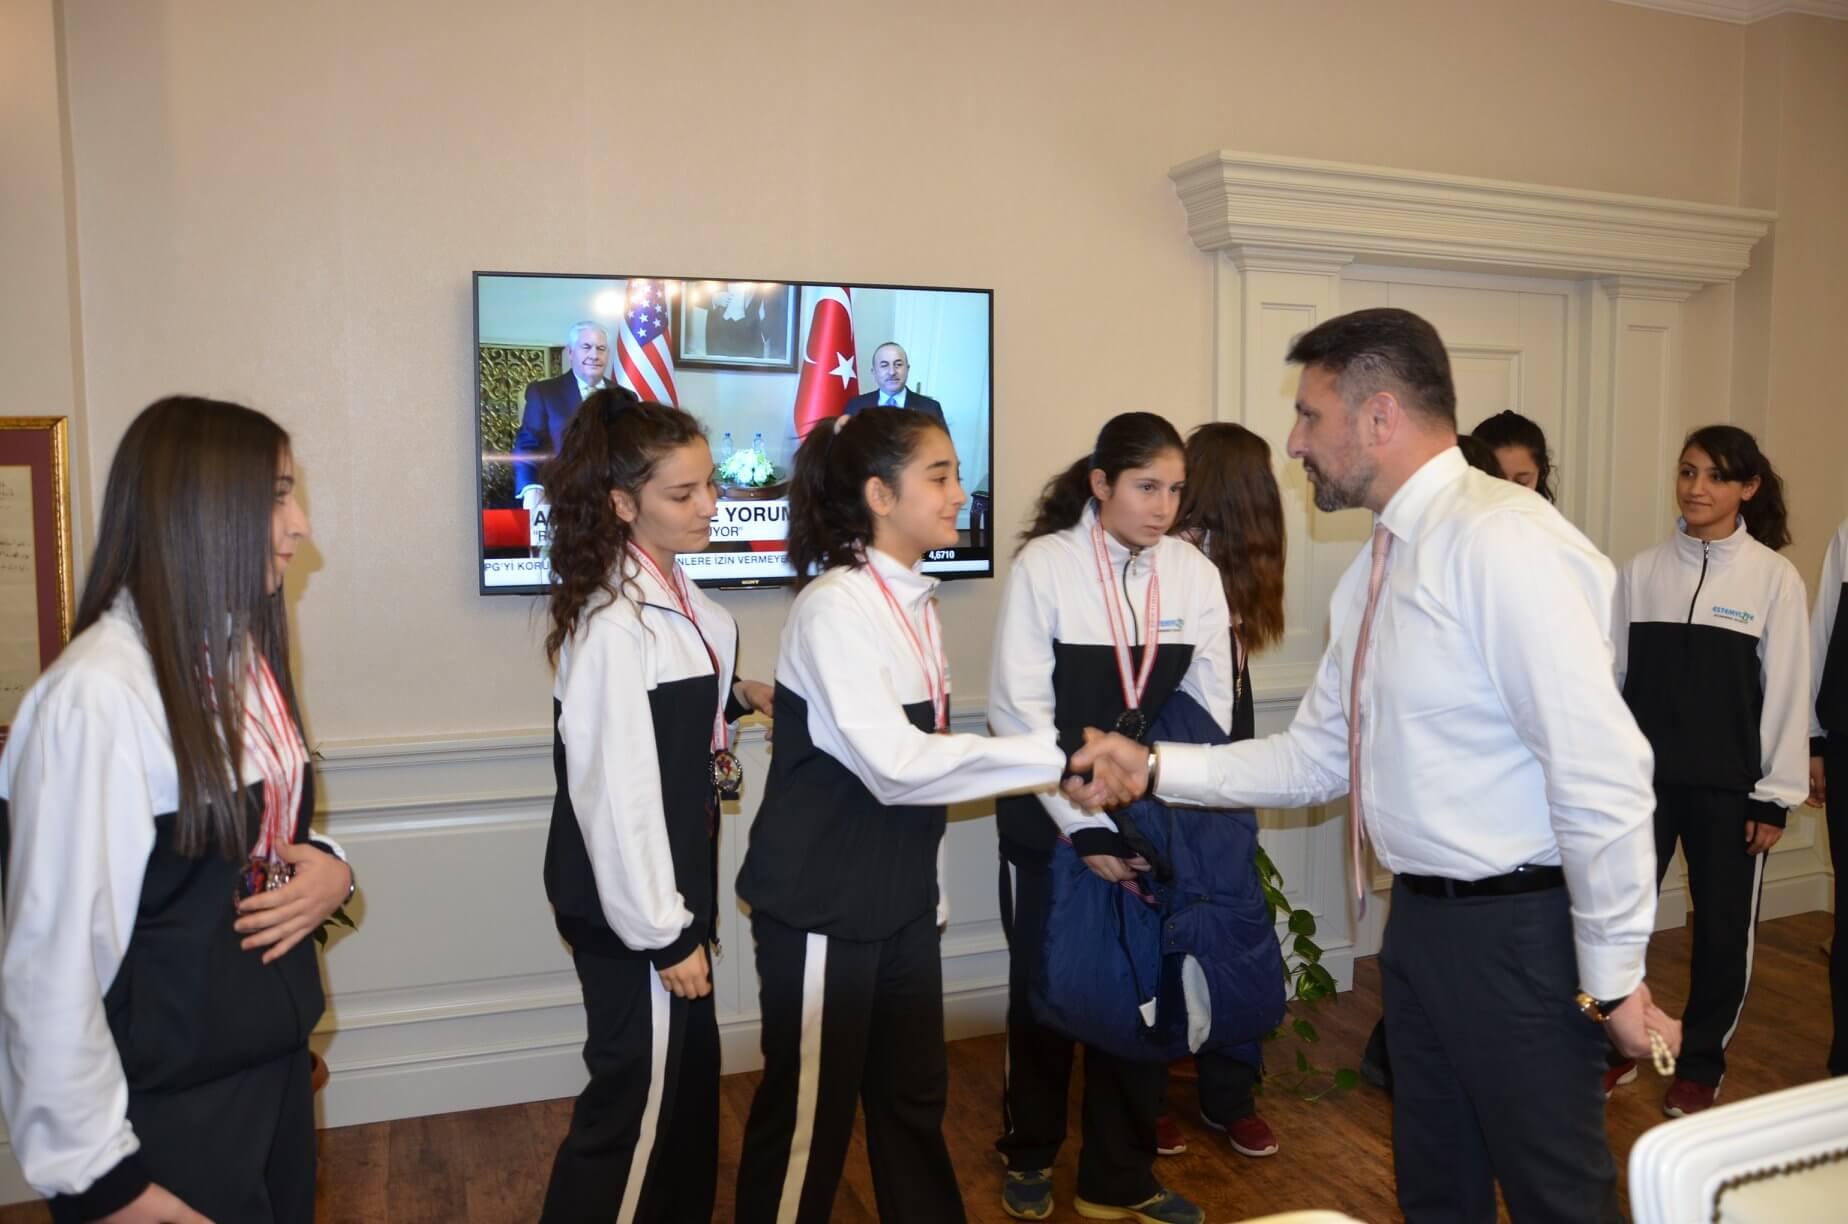 Sivrihisar Belediye Başkanımız Hamid Yüzügüllü Eskişehir Liseler Arası Atletizm Müsabakalarından 43 madalya ve 2 kupa ile dönen Sivrihisarlı gençleri tebrik etti.